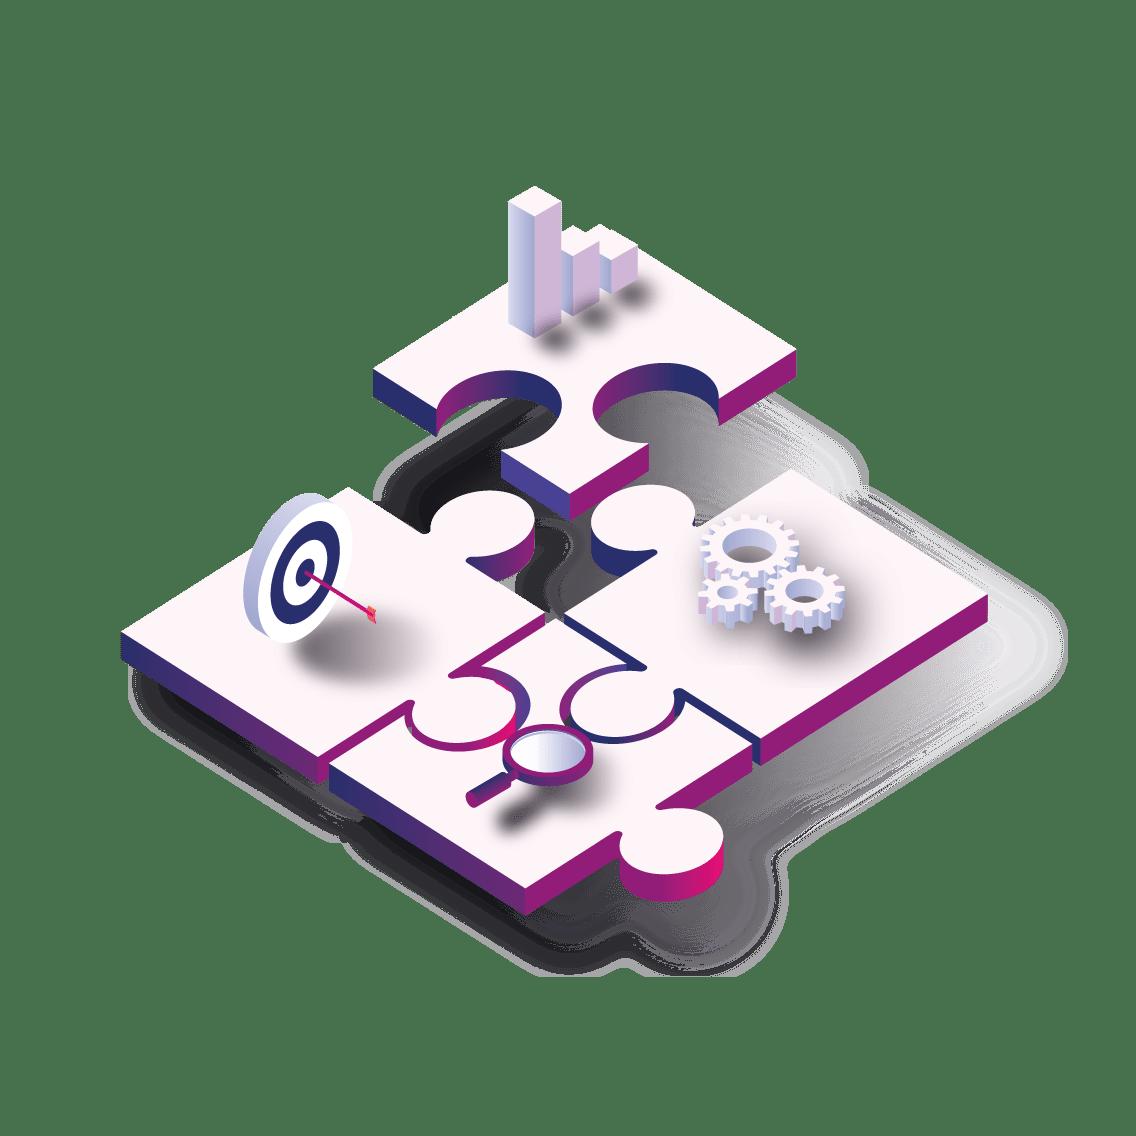 4 pièces d'un puzzle en train d'être assemblés